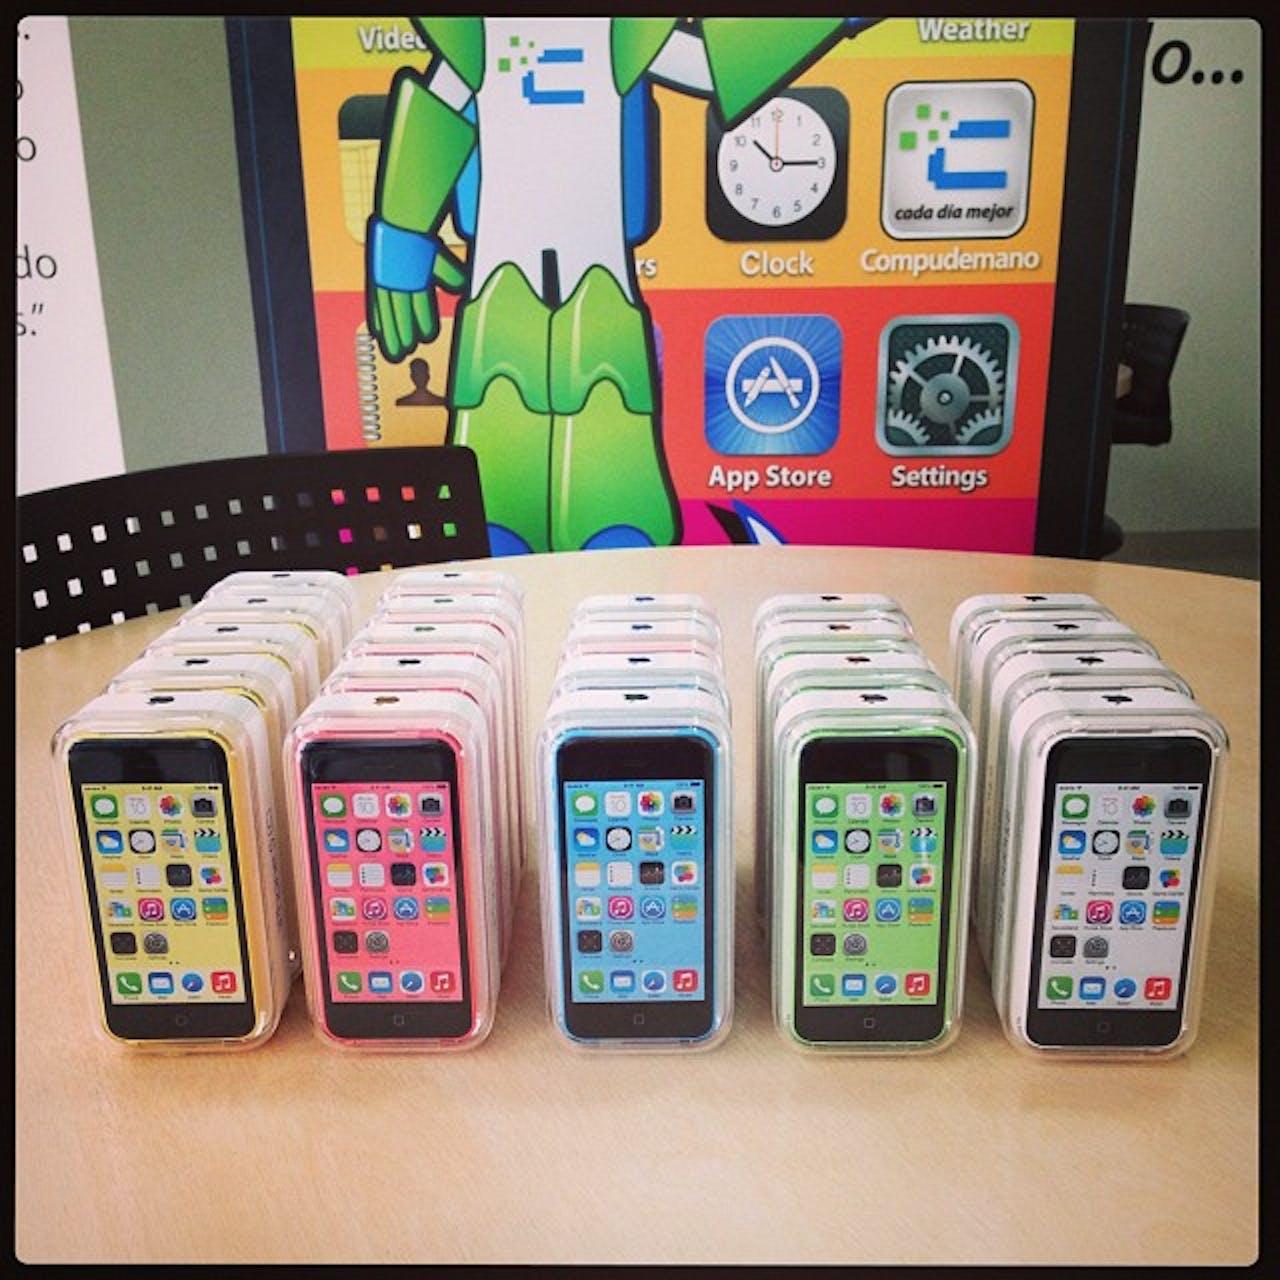 Quieres uno de estos iPhone 5c?. Simplemente síguenos en Instagram y haz un screenshot de tu follow, luego haz un tag a @compudemano #iphone5c #colors #apple #cadadiamejor #concurso